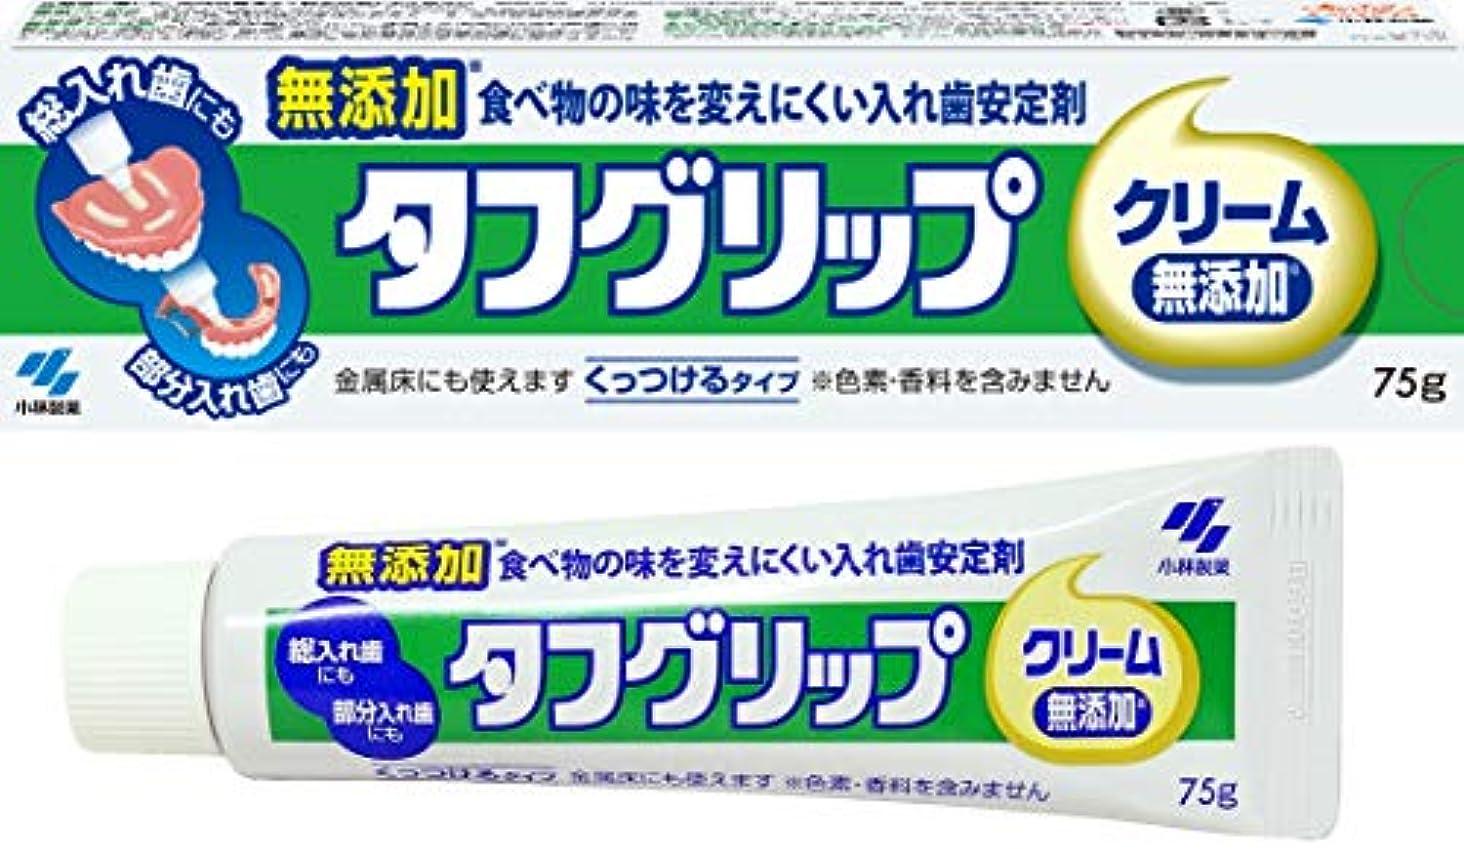 カテゴリー近似受けるタフグリップクリーム 入れ歯安定剤(総入れ歯?部分入れ歯) 無添加  75g